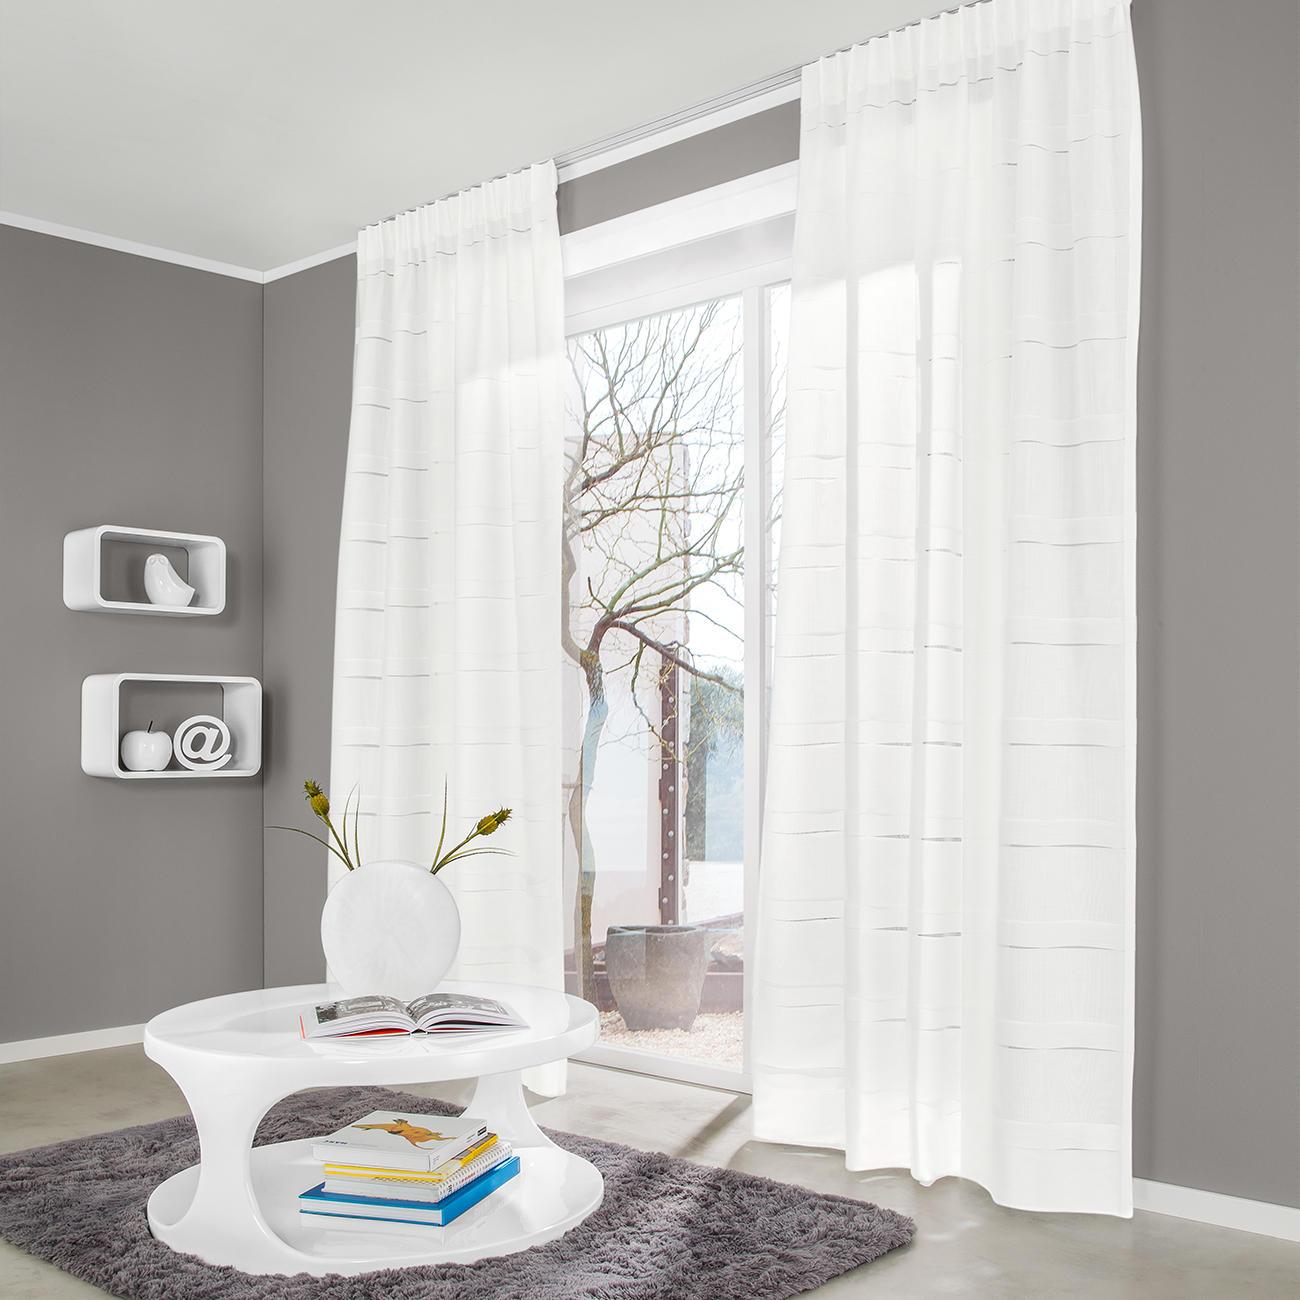 vorhang joris 1 vorhang vorh nge kaufen das. Black Bedroom Furniture Sets. Home Design Ideas